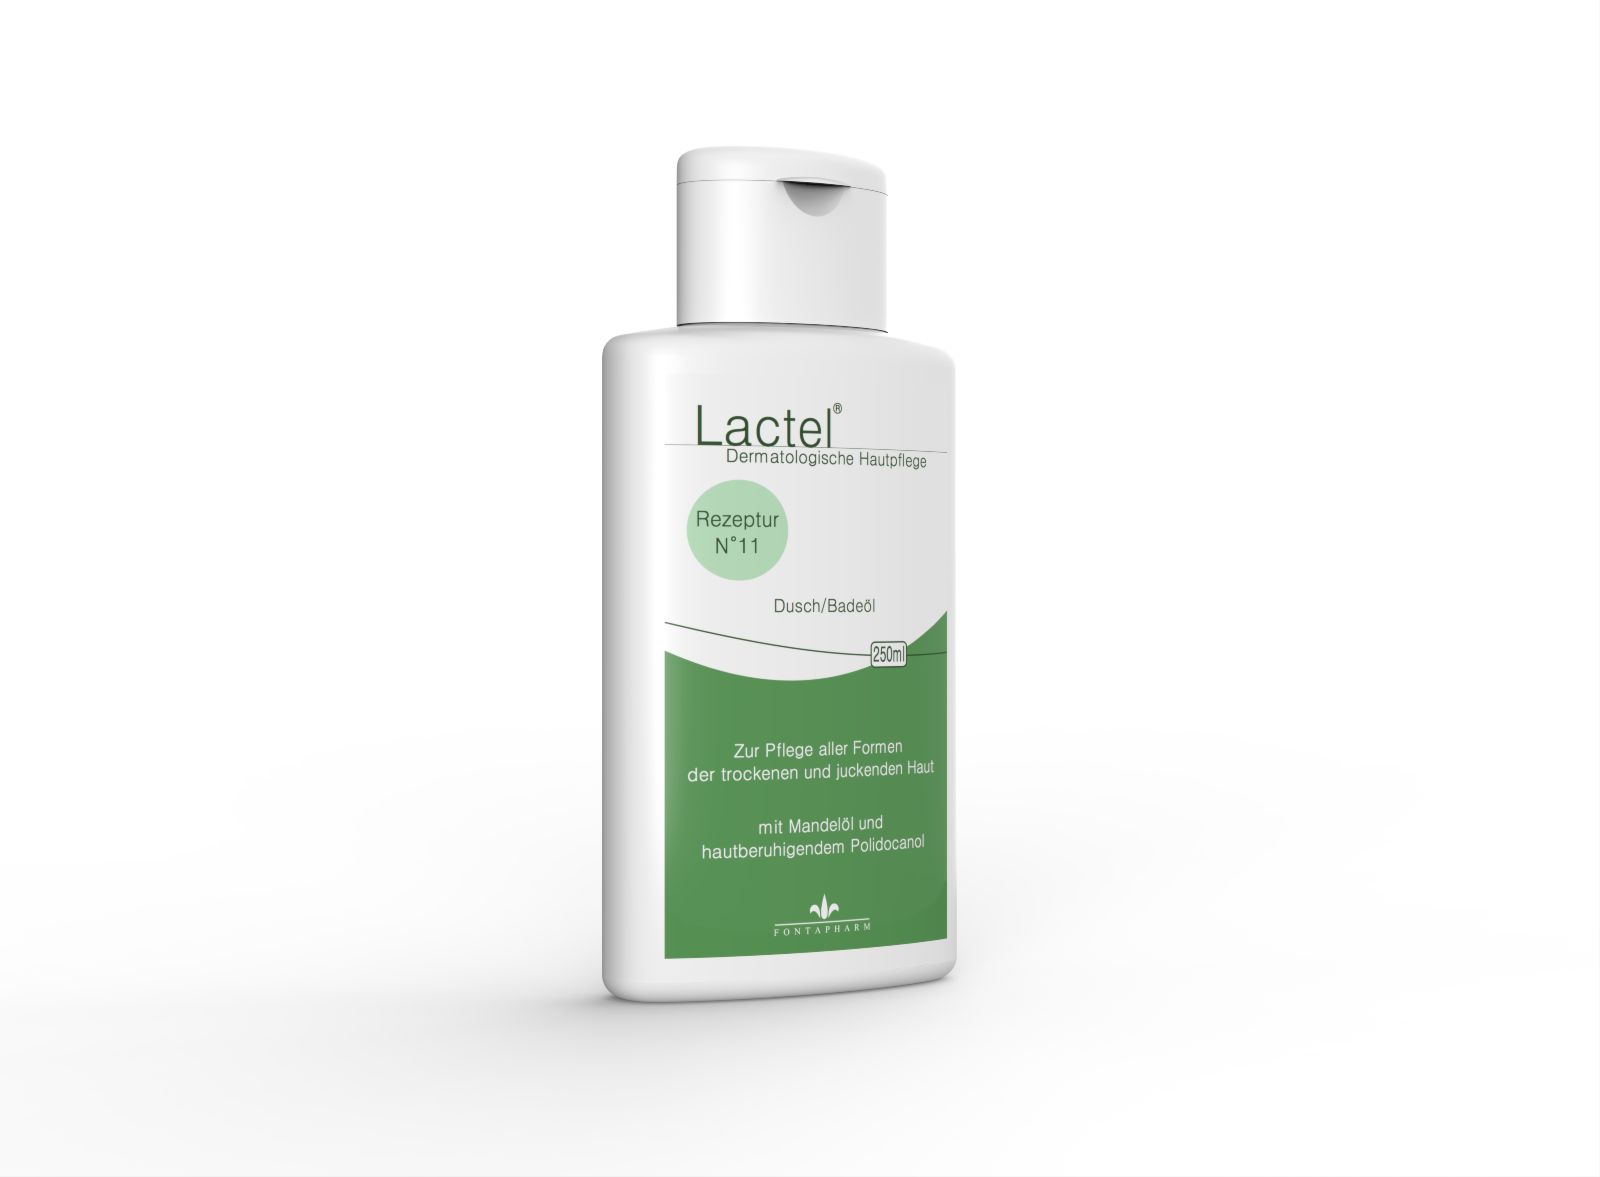 Lactel N° 11, das Dusch- und Badeöl für die trockene, juckende Haut mit Avocadoöl, Mandelöl und Mandelöl